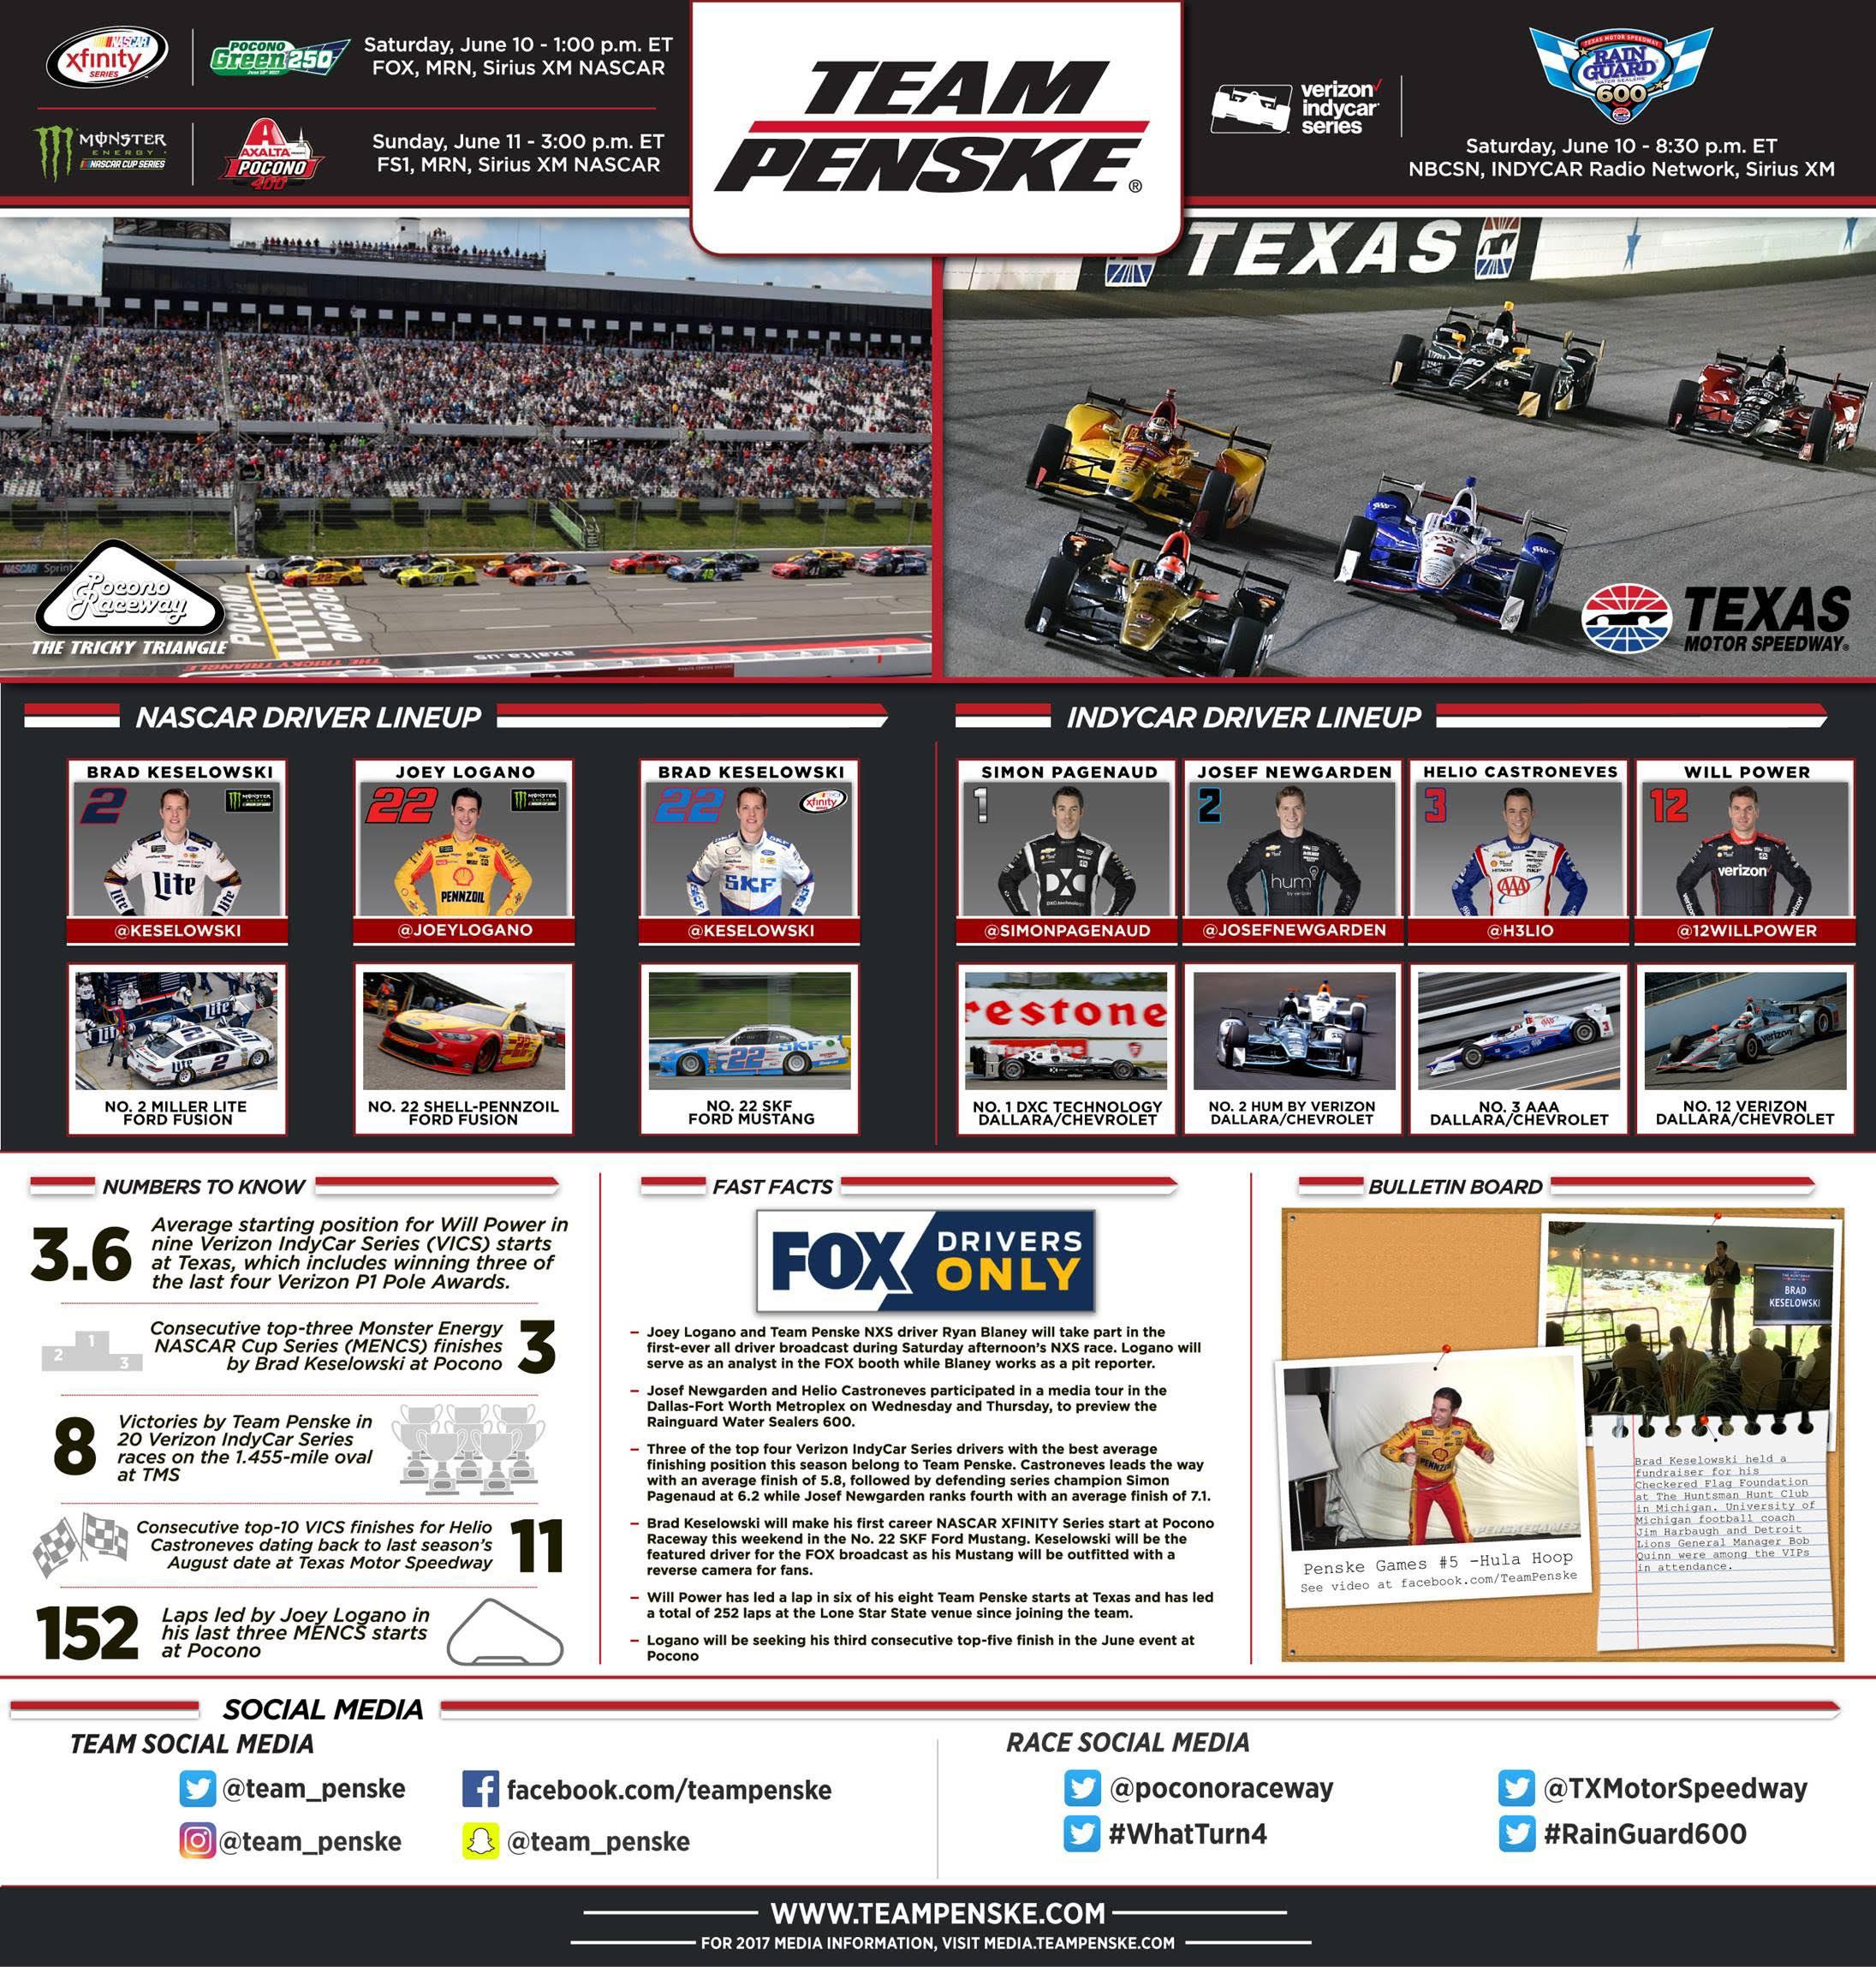 Team Penske | News | Team Penske Infographic - Pocono and Texas